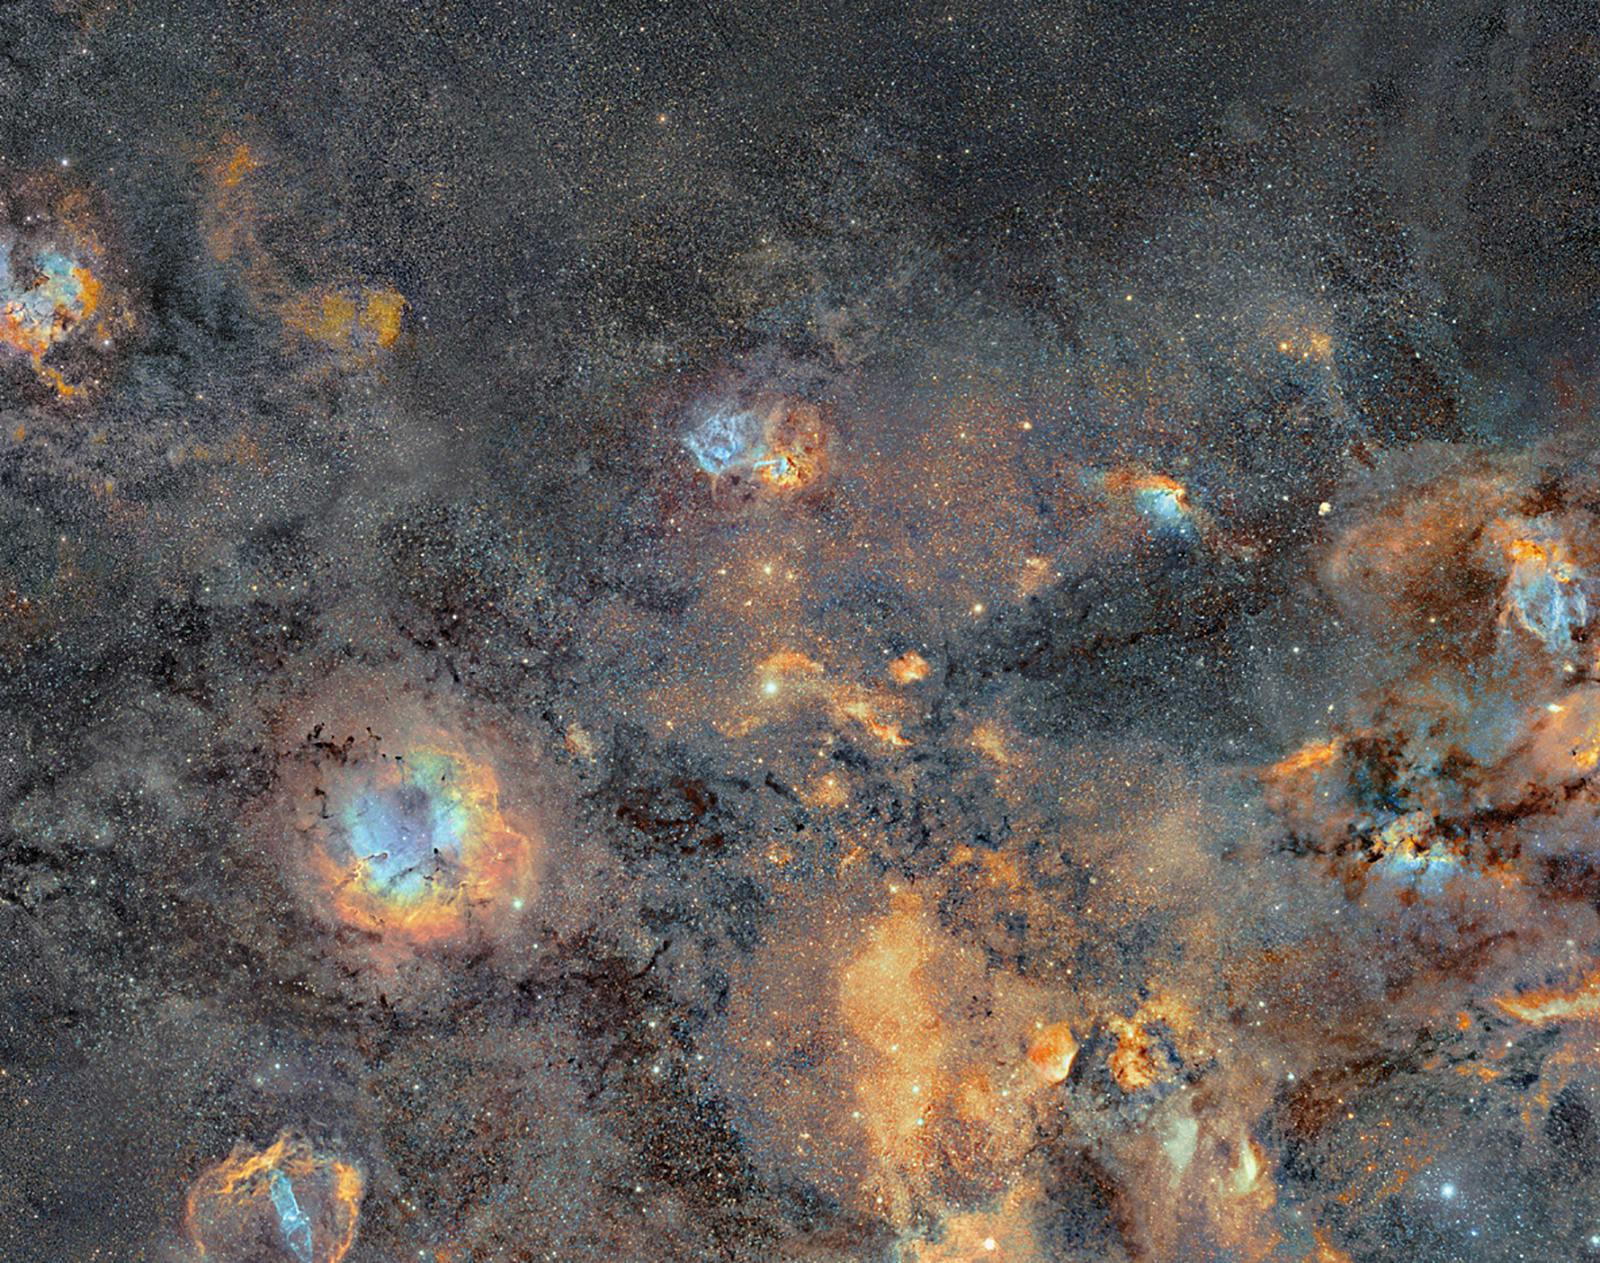 مصور فنلندي يقضي 12 عاماً في إنشاء صورة فسيفساء لمجرة درب التبانة